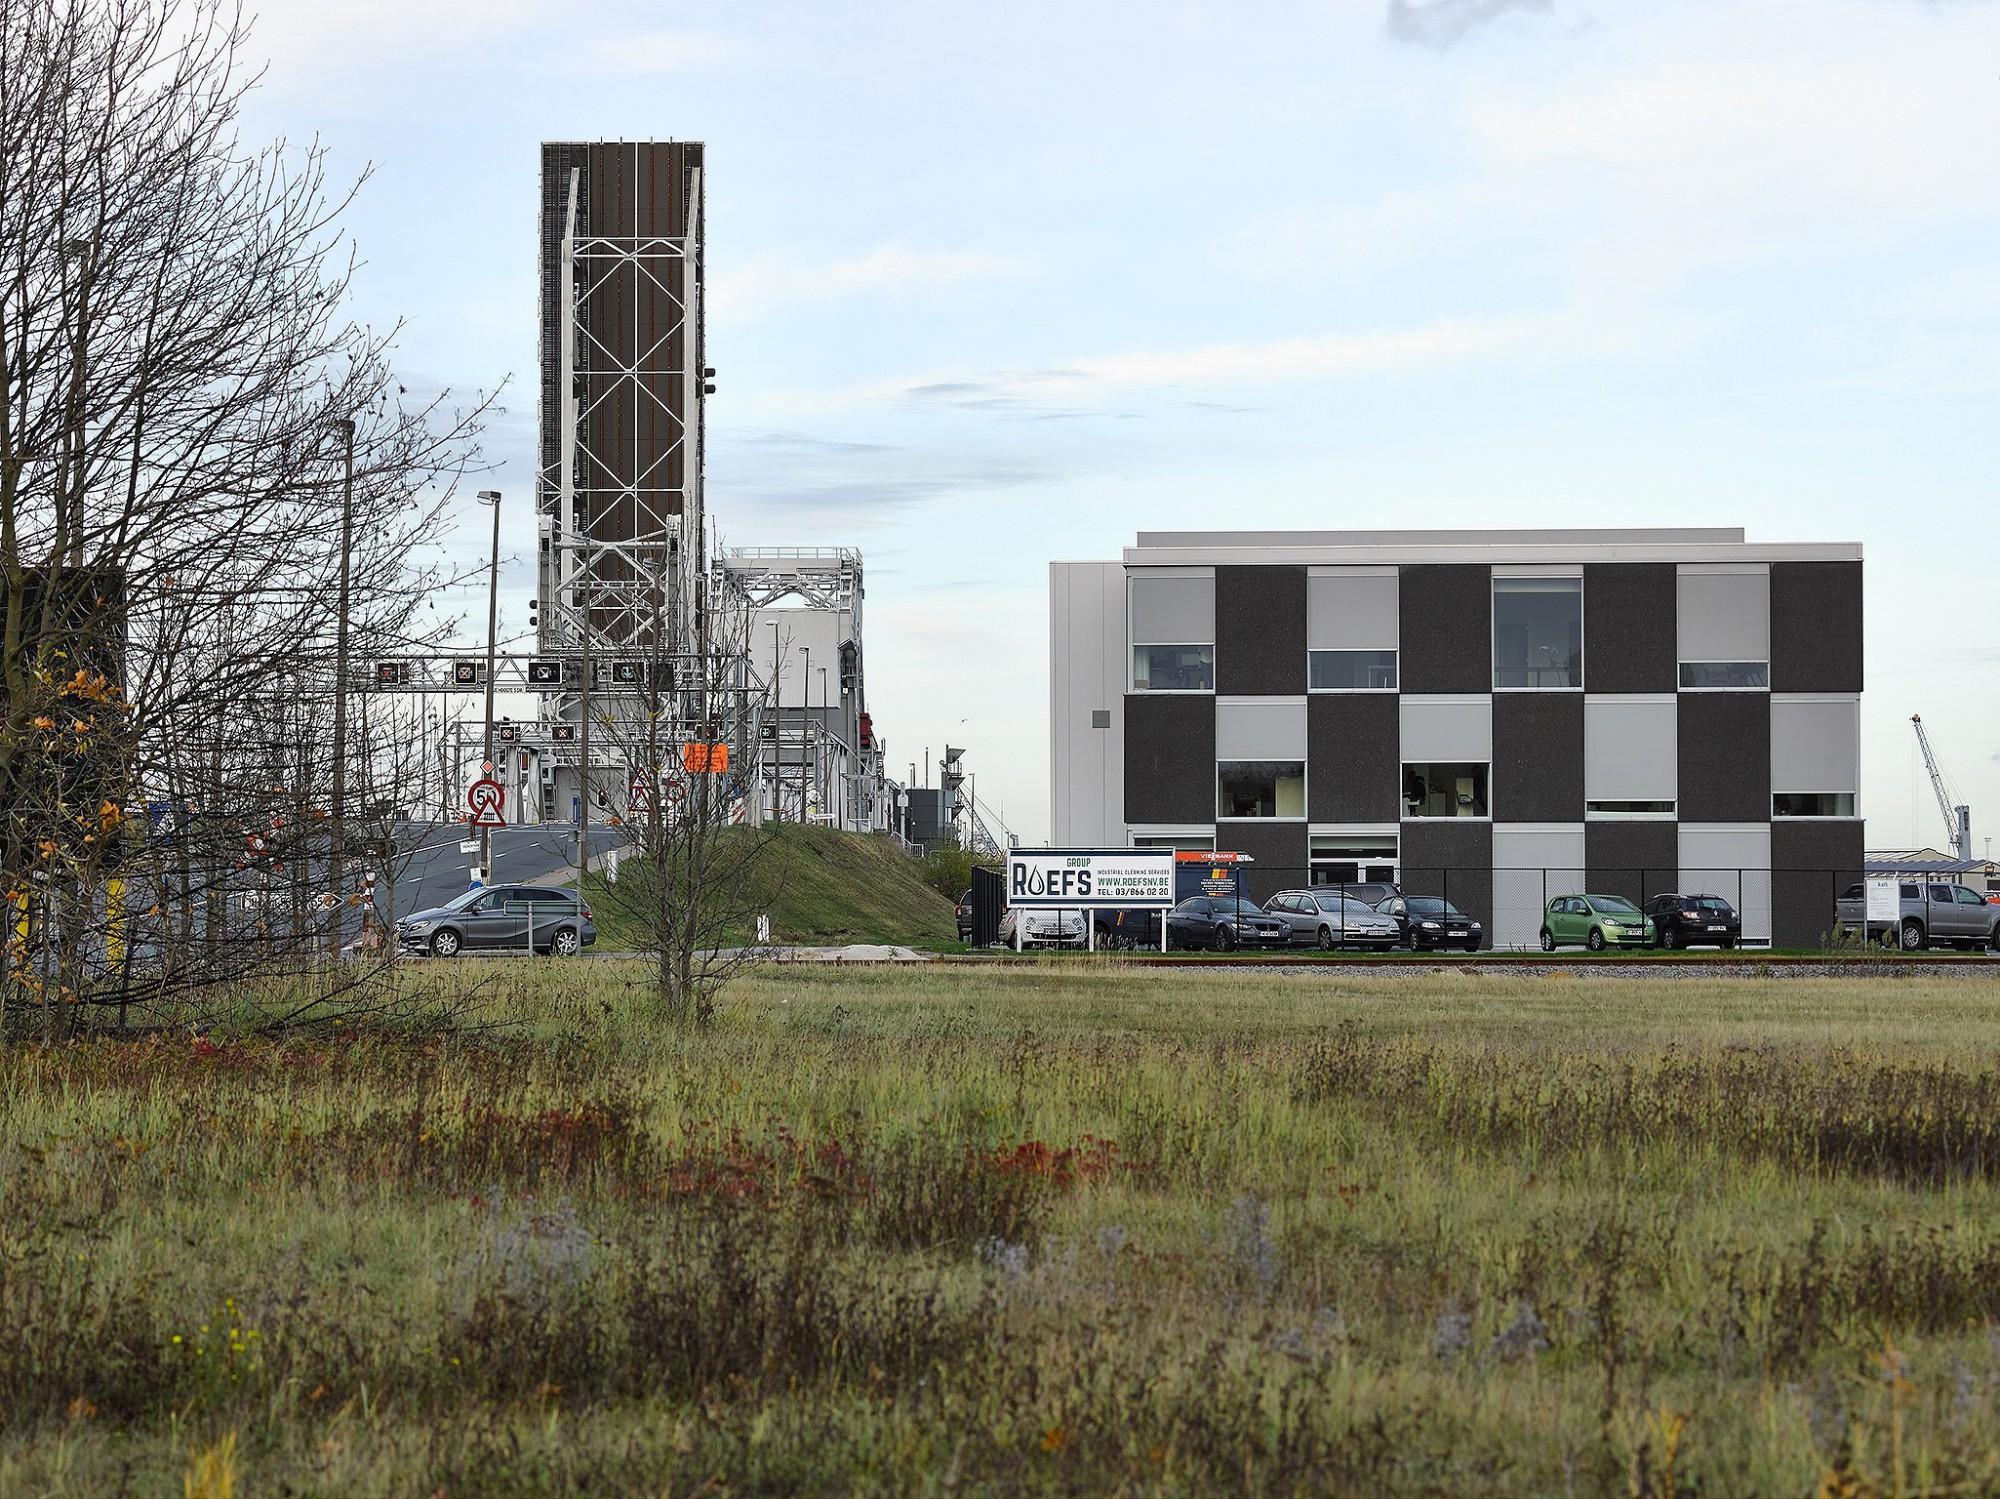 Afbeelding: Architectuur fotografie industrie, kantoor haven Antwerpen, voor Mertens architecten.